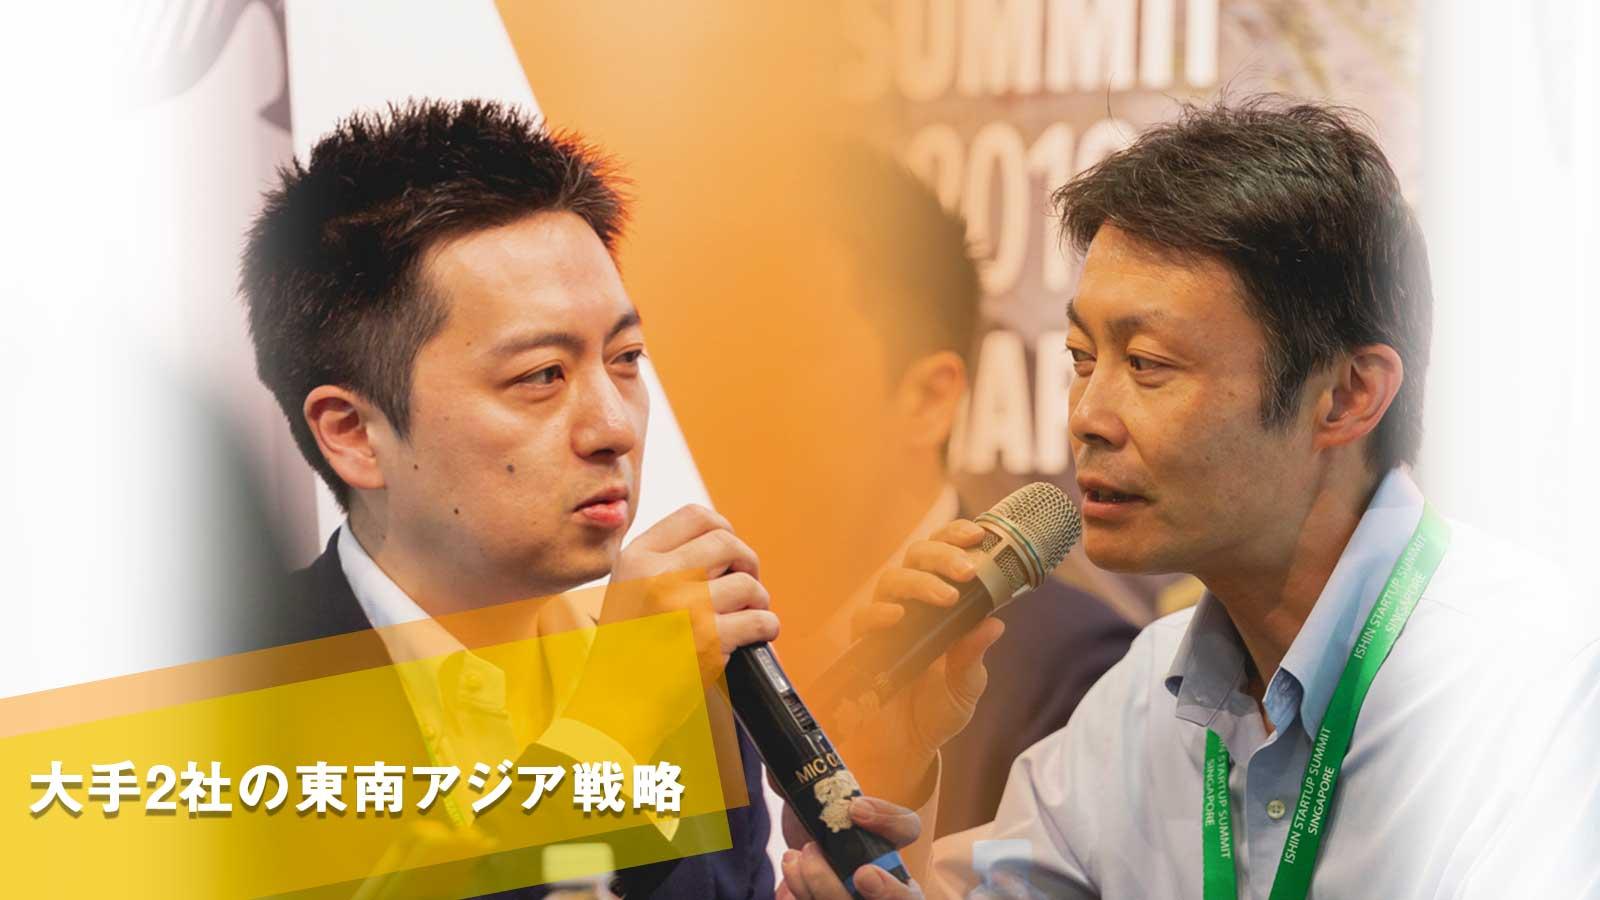 【NTT×三井住友海上】大企業の東南アジアオープンイノベーション戦略